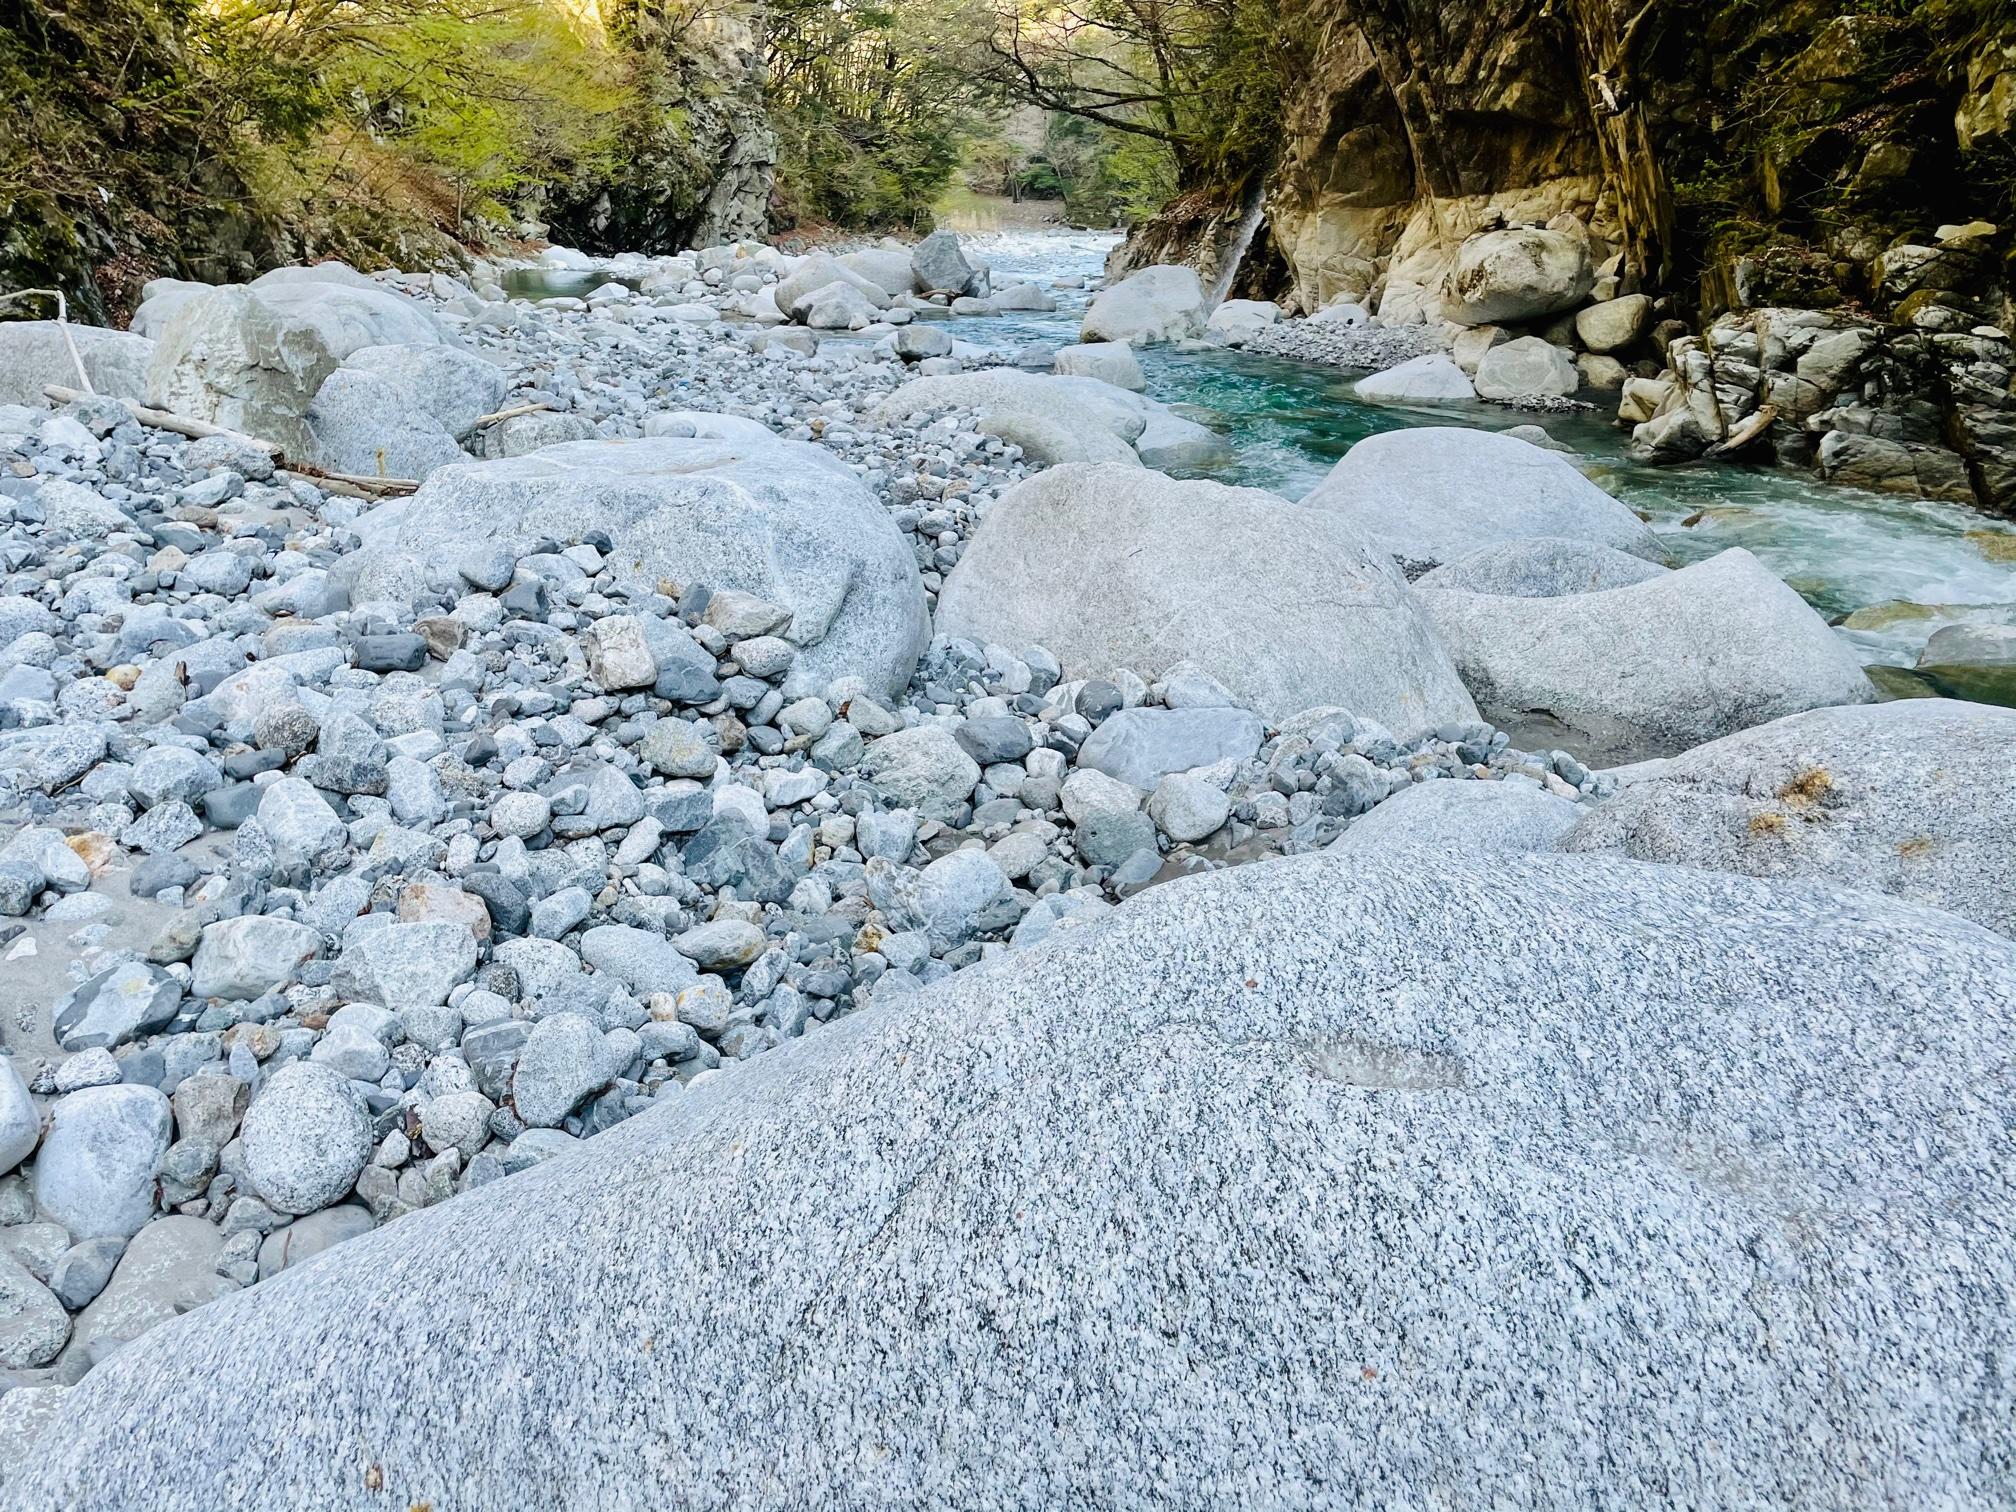 中央アルプスの花崗岩の川にヤマトイワナが住む